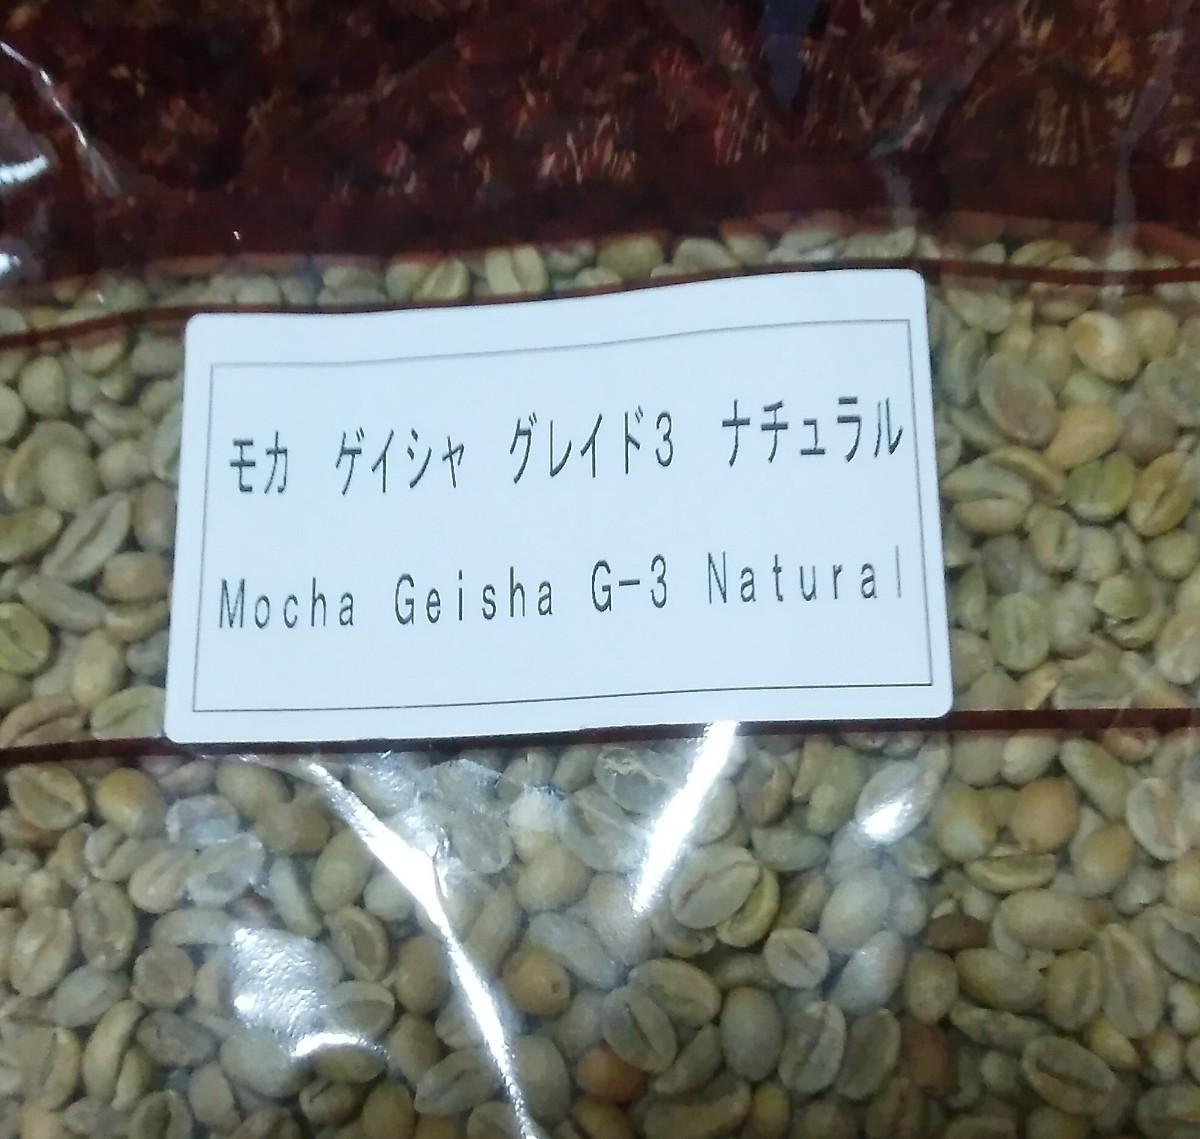 コーヒー豆 エチオピア ゲレナ農園 モカ ゲイシャ G-3 800g 焙煎用生豆